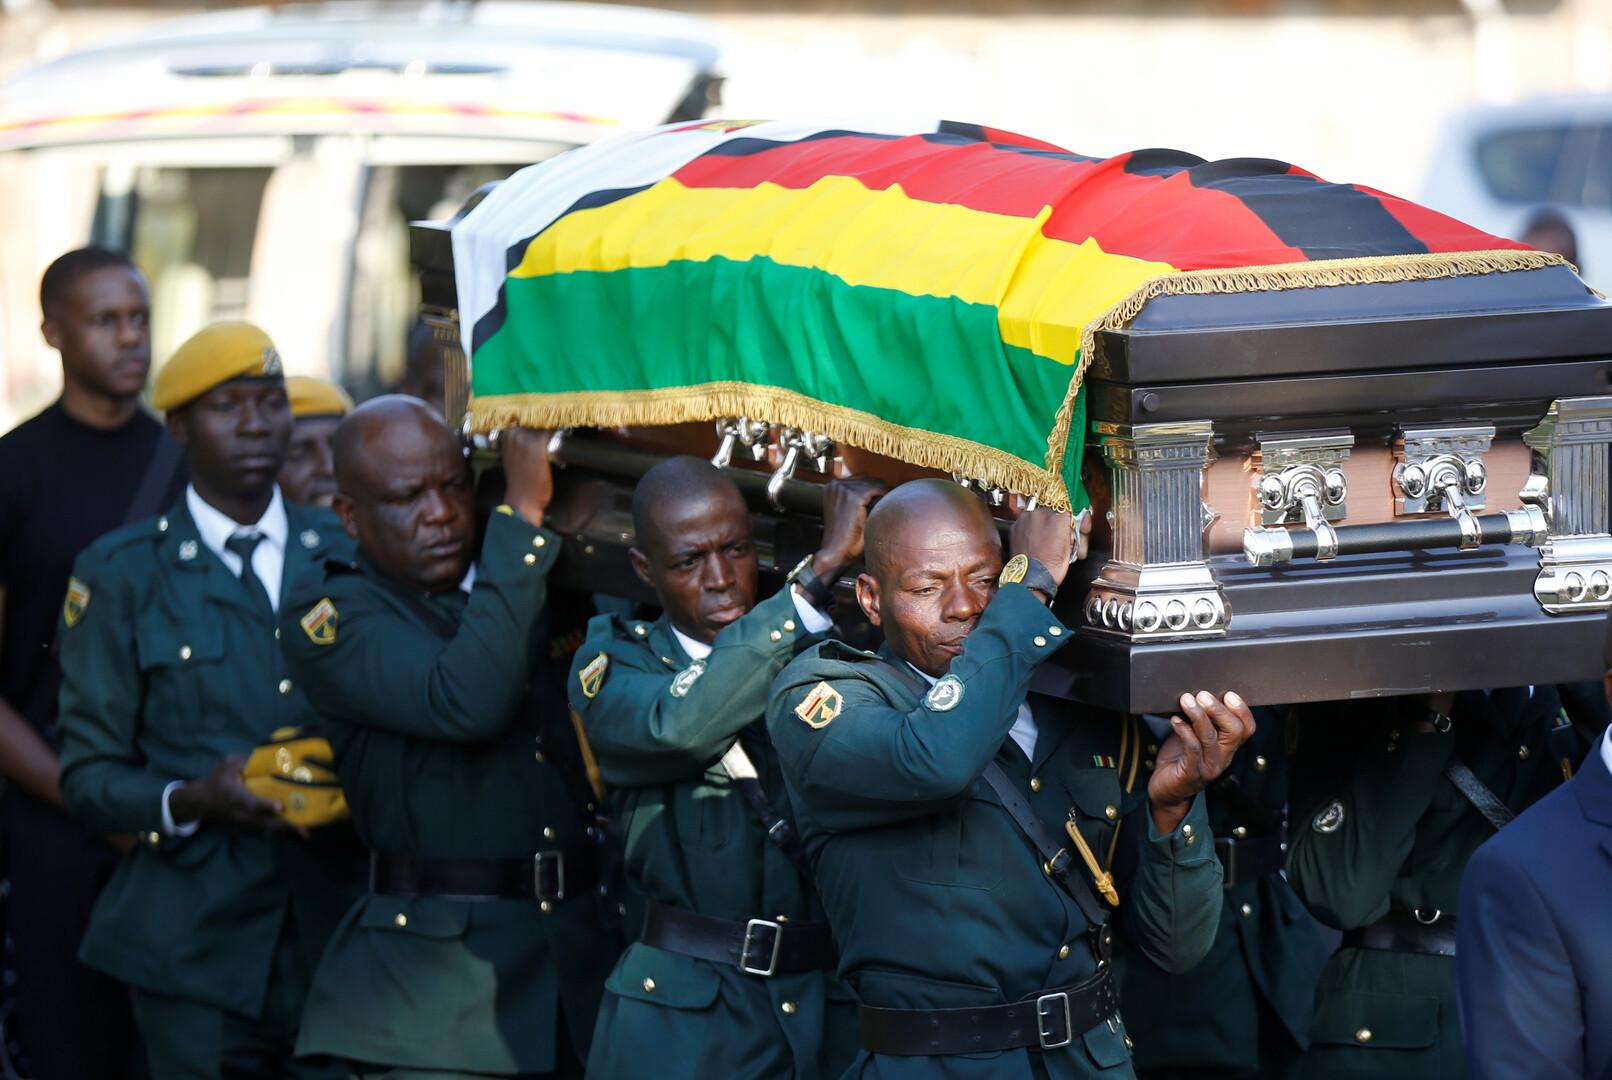 بعد جدل مع الحكومة.. عائلة موغابي تنظم جنازته في منزله الريفي